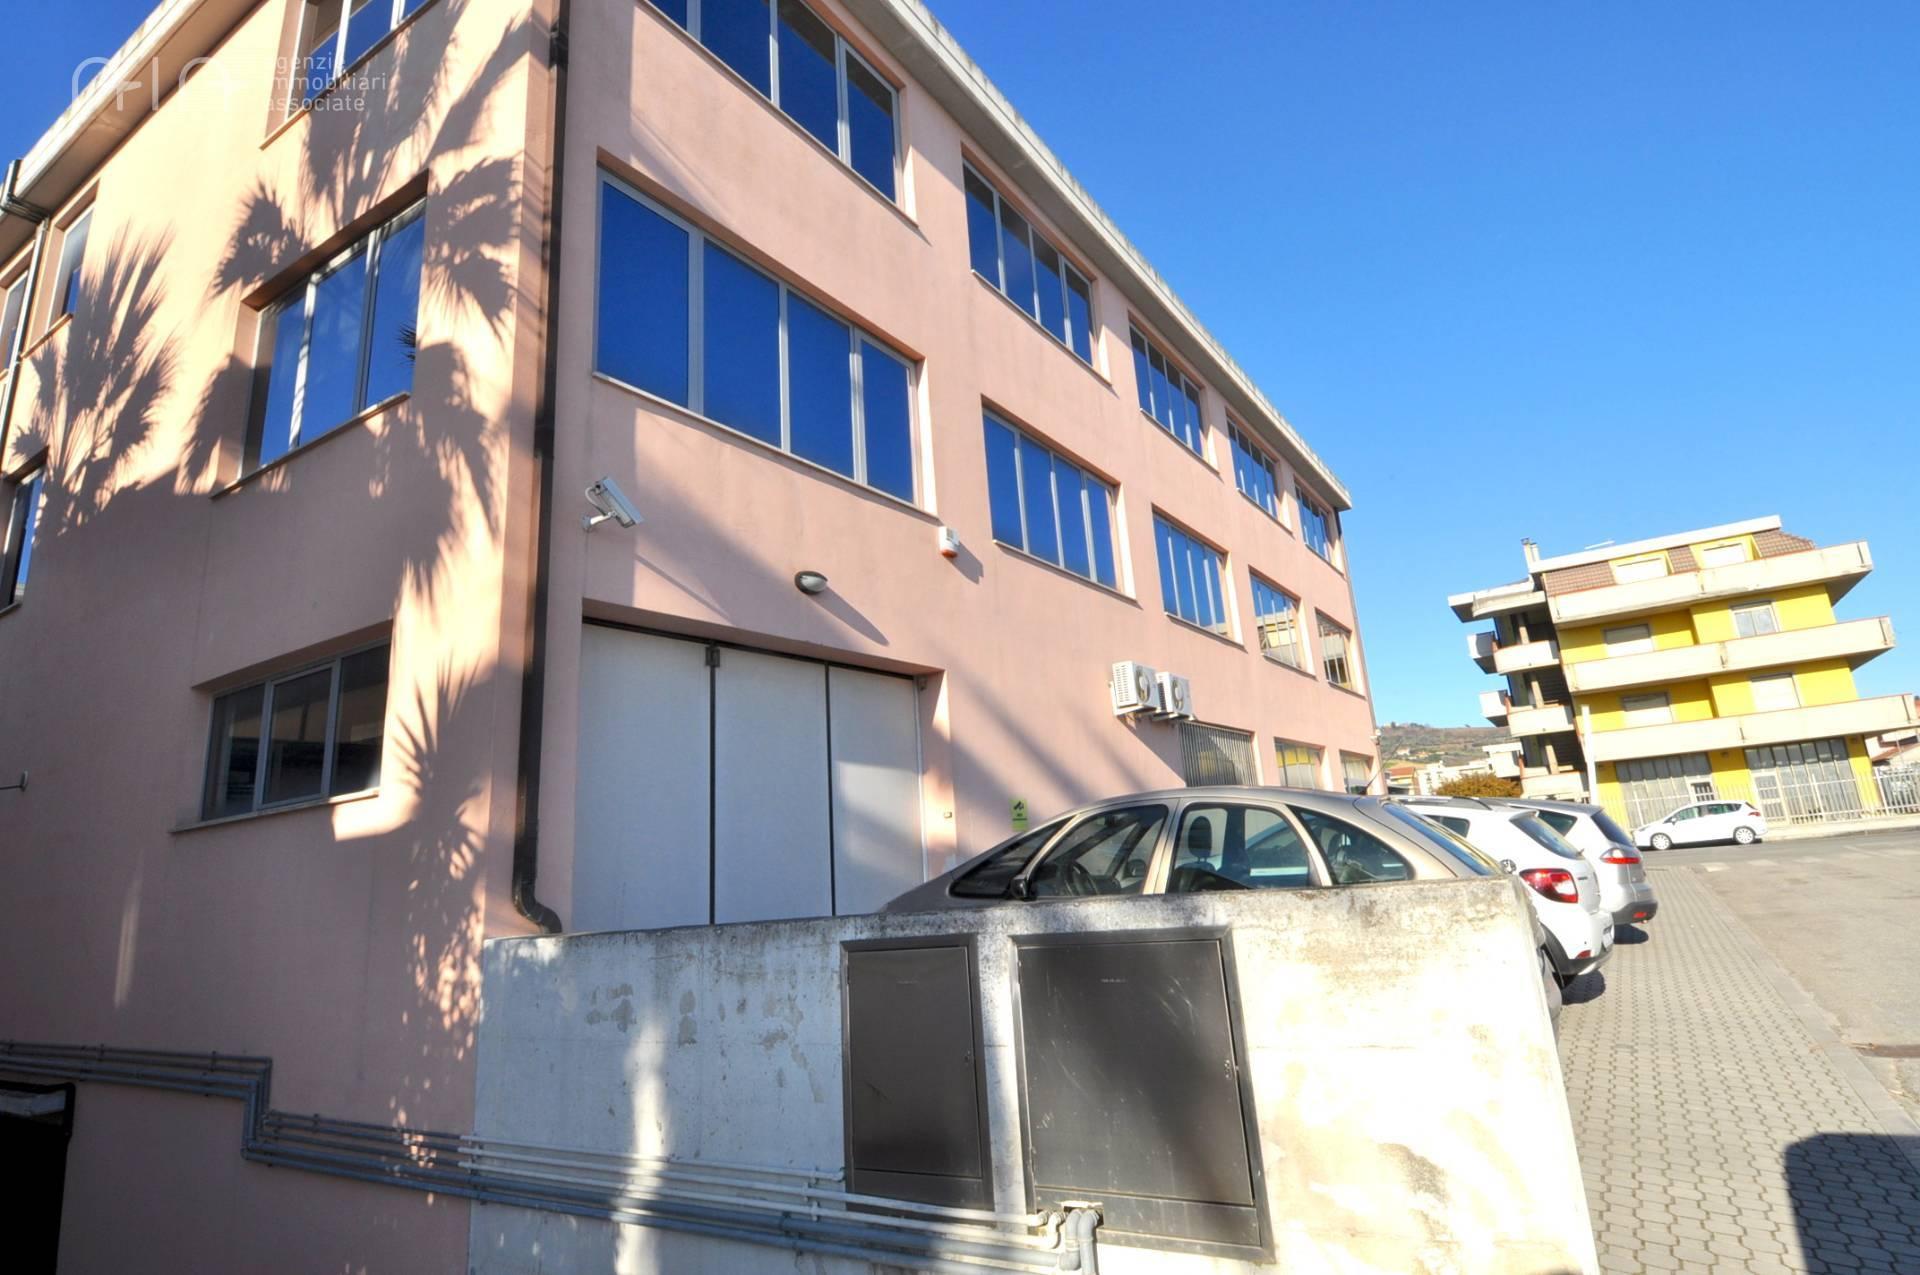 Box / Garage in vendita a San Benedetto del Tronto, 2 locali, zona Località: PortoDascoliresidenziale(aldisopradellass16, prezzo € 55.000 | CambioCasa.it